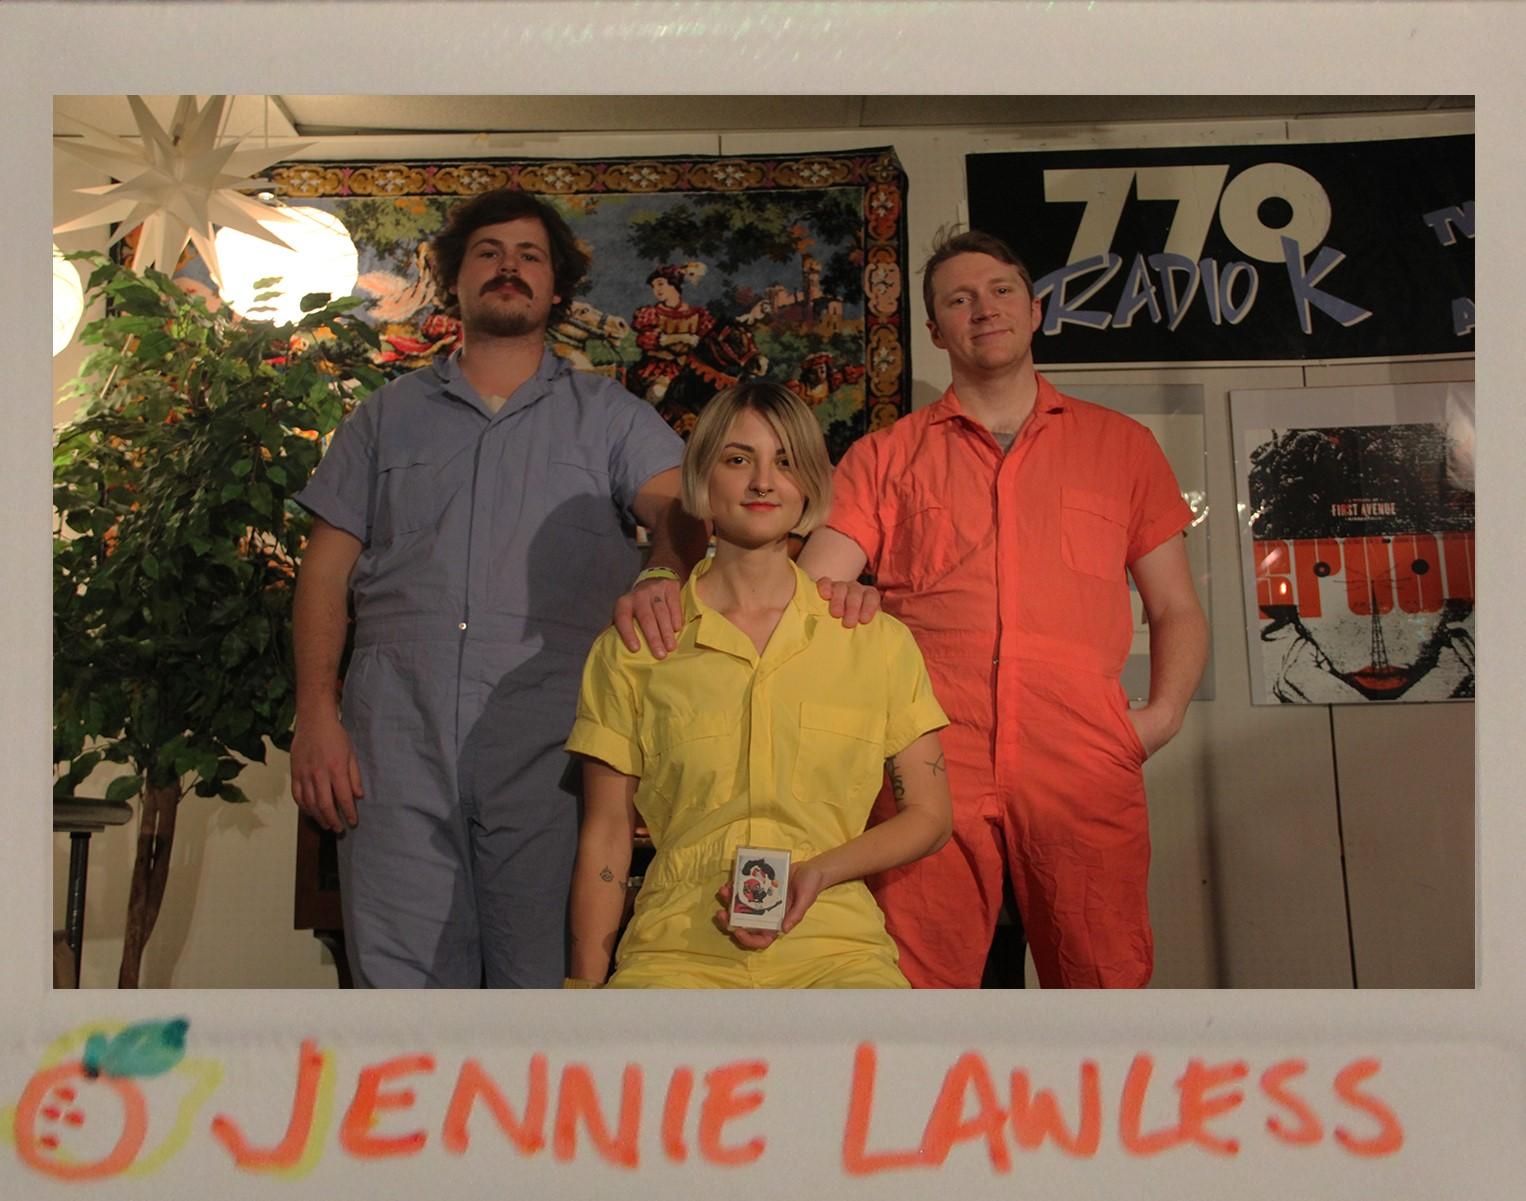 Jennie Lawless